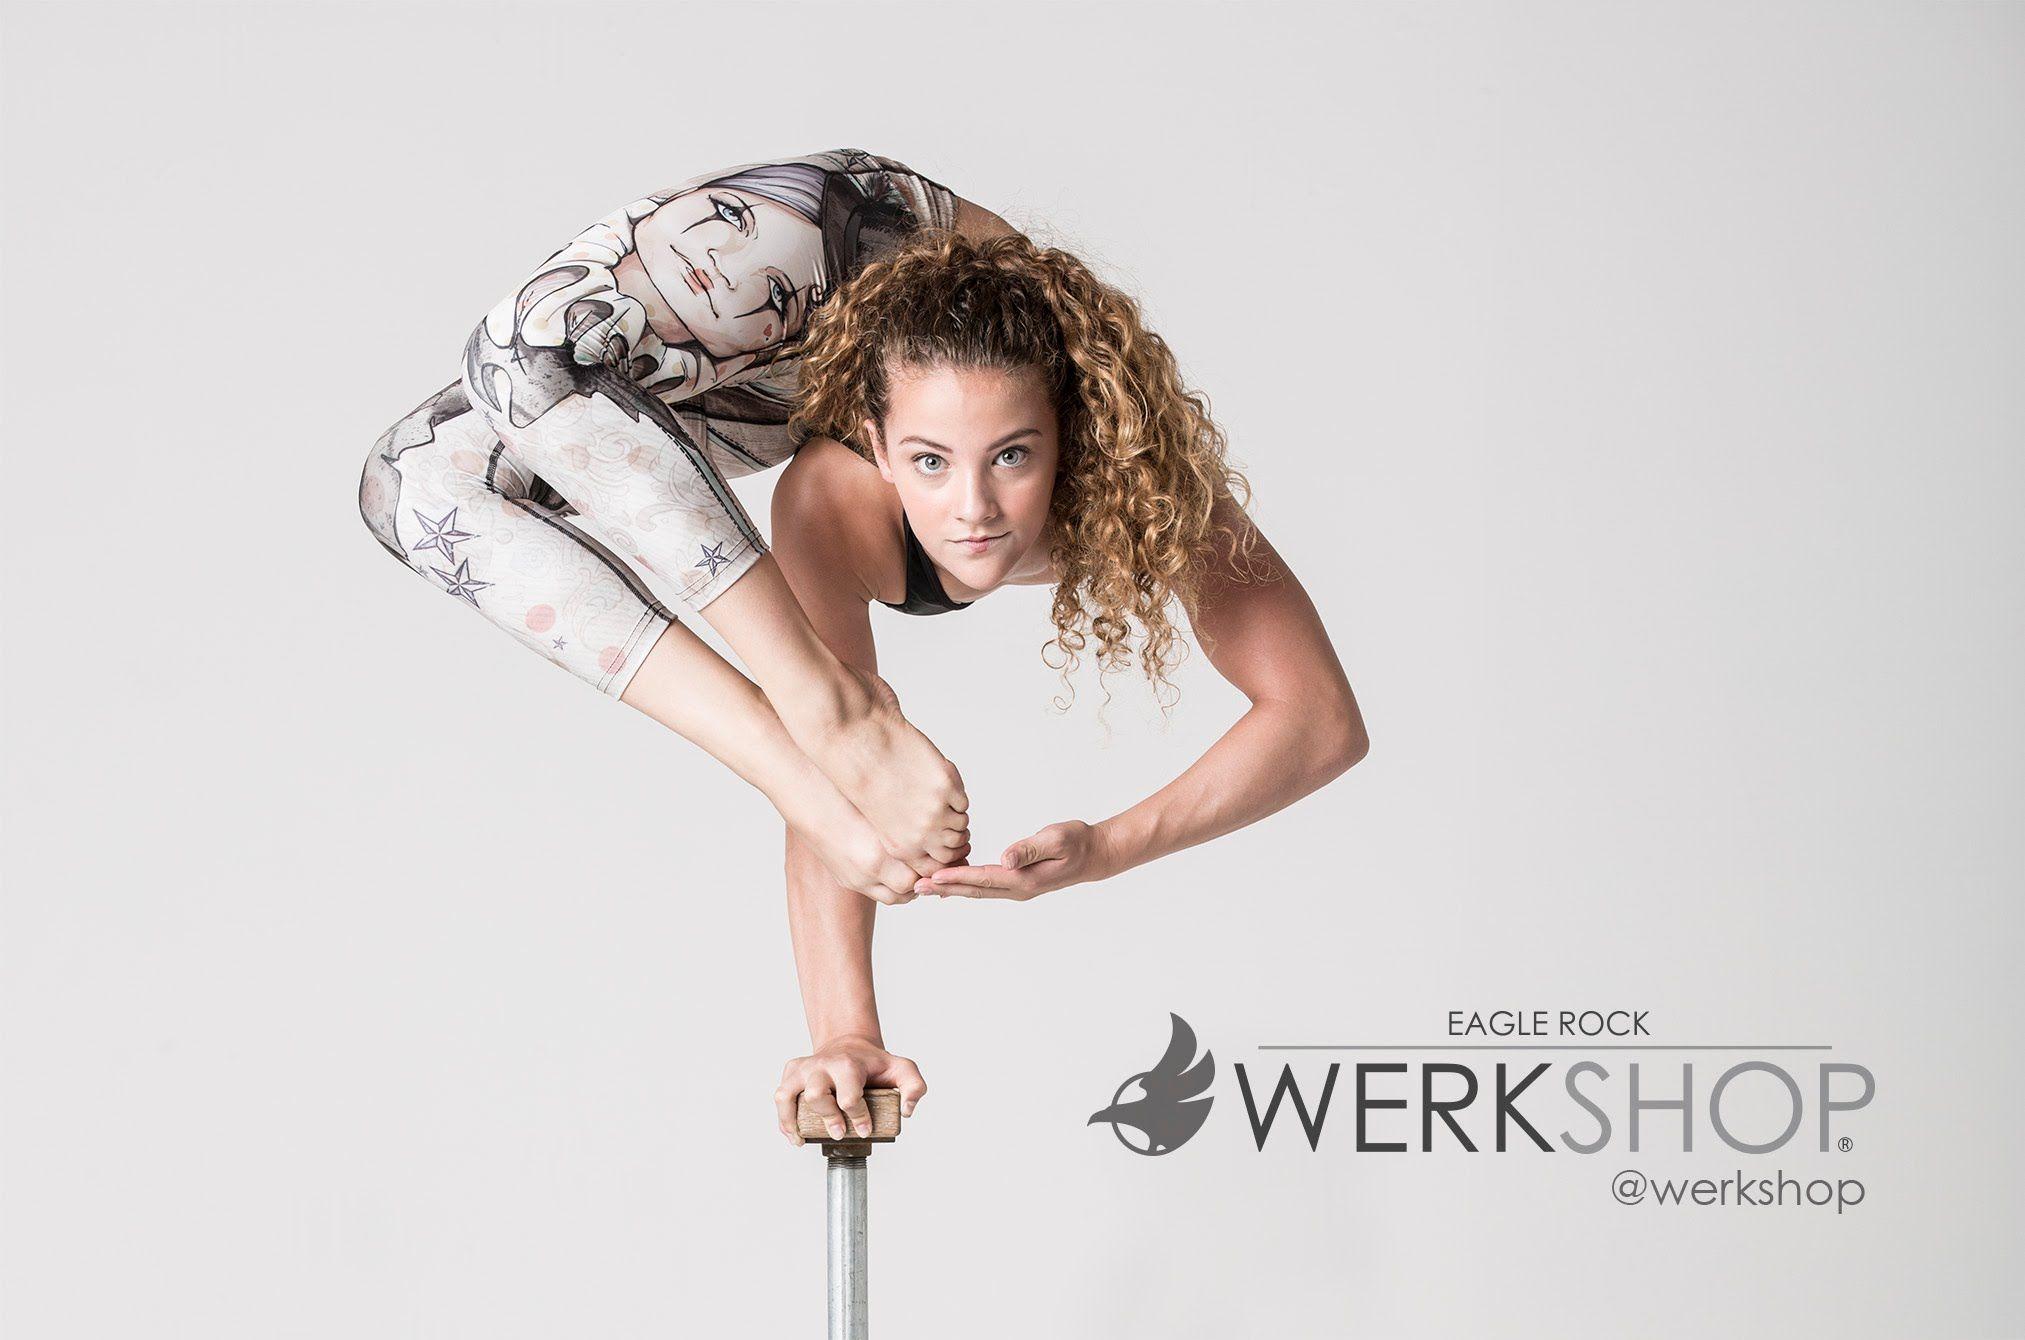 Eagle rock werkshop circus behind the scenes sofie dossi sofie dossi contortionist - Sofie dossi gymnastics ...